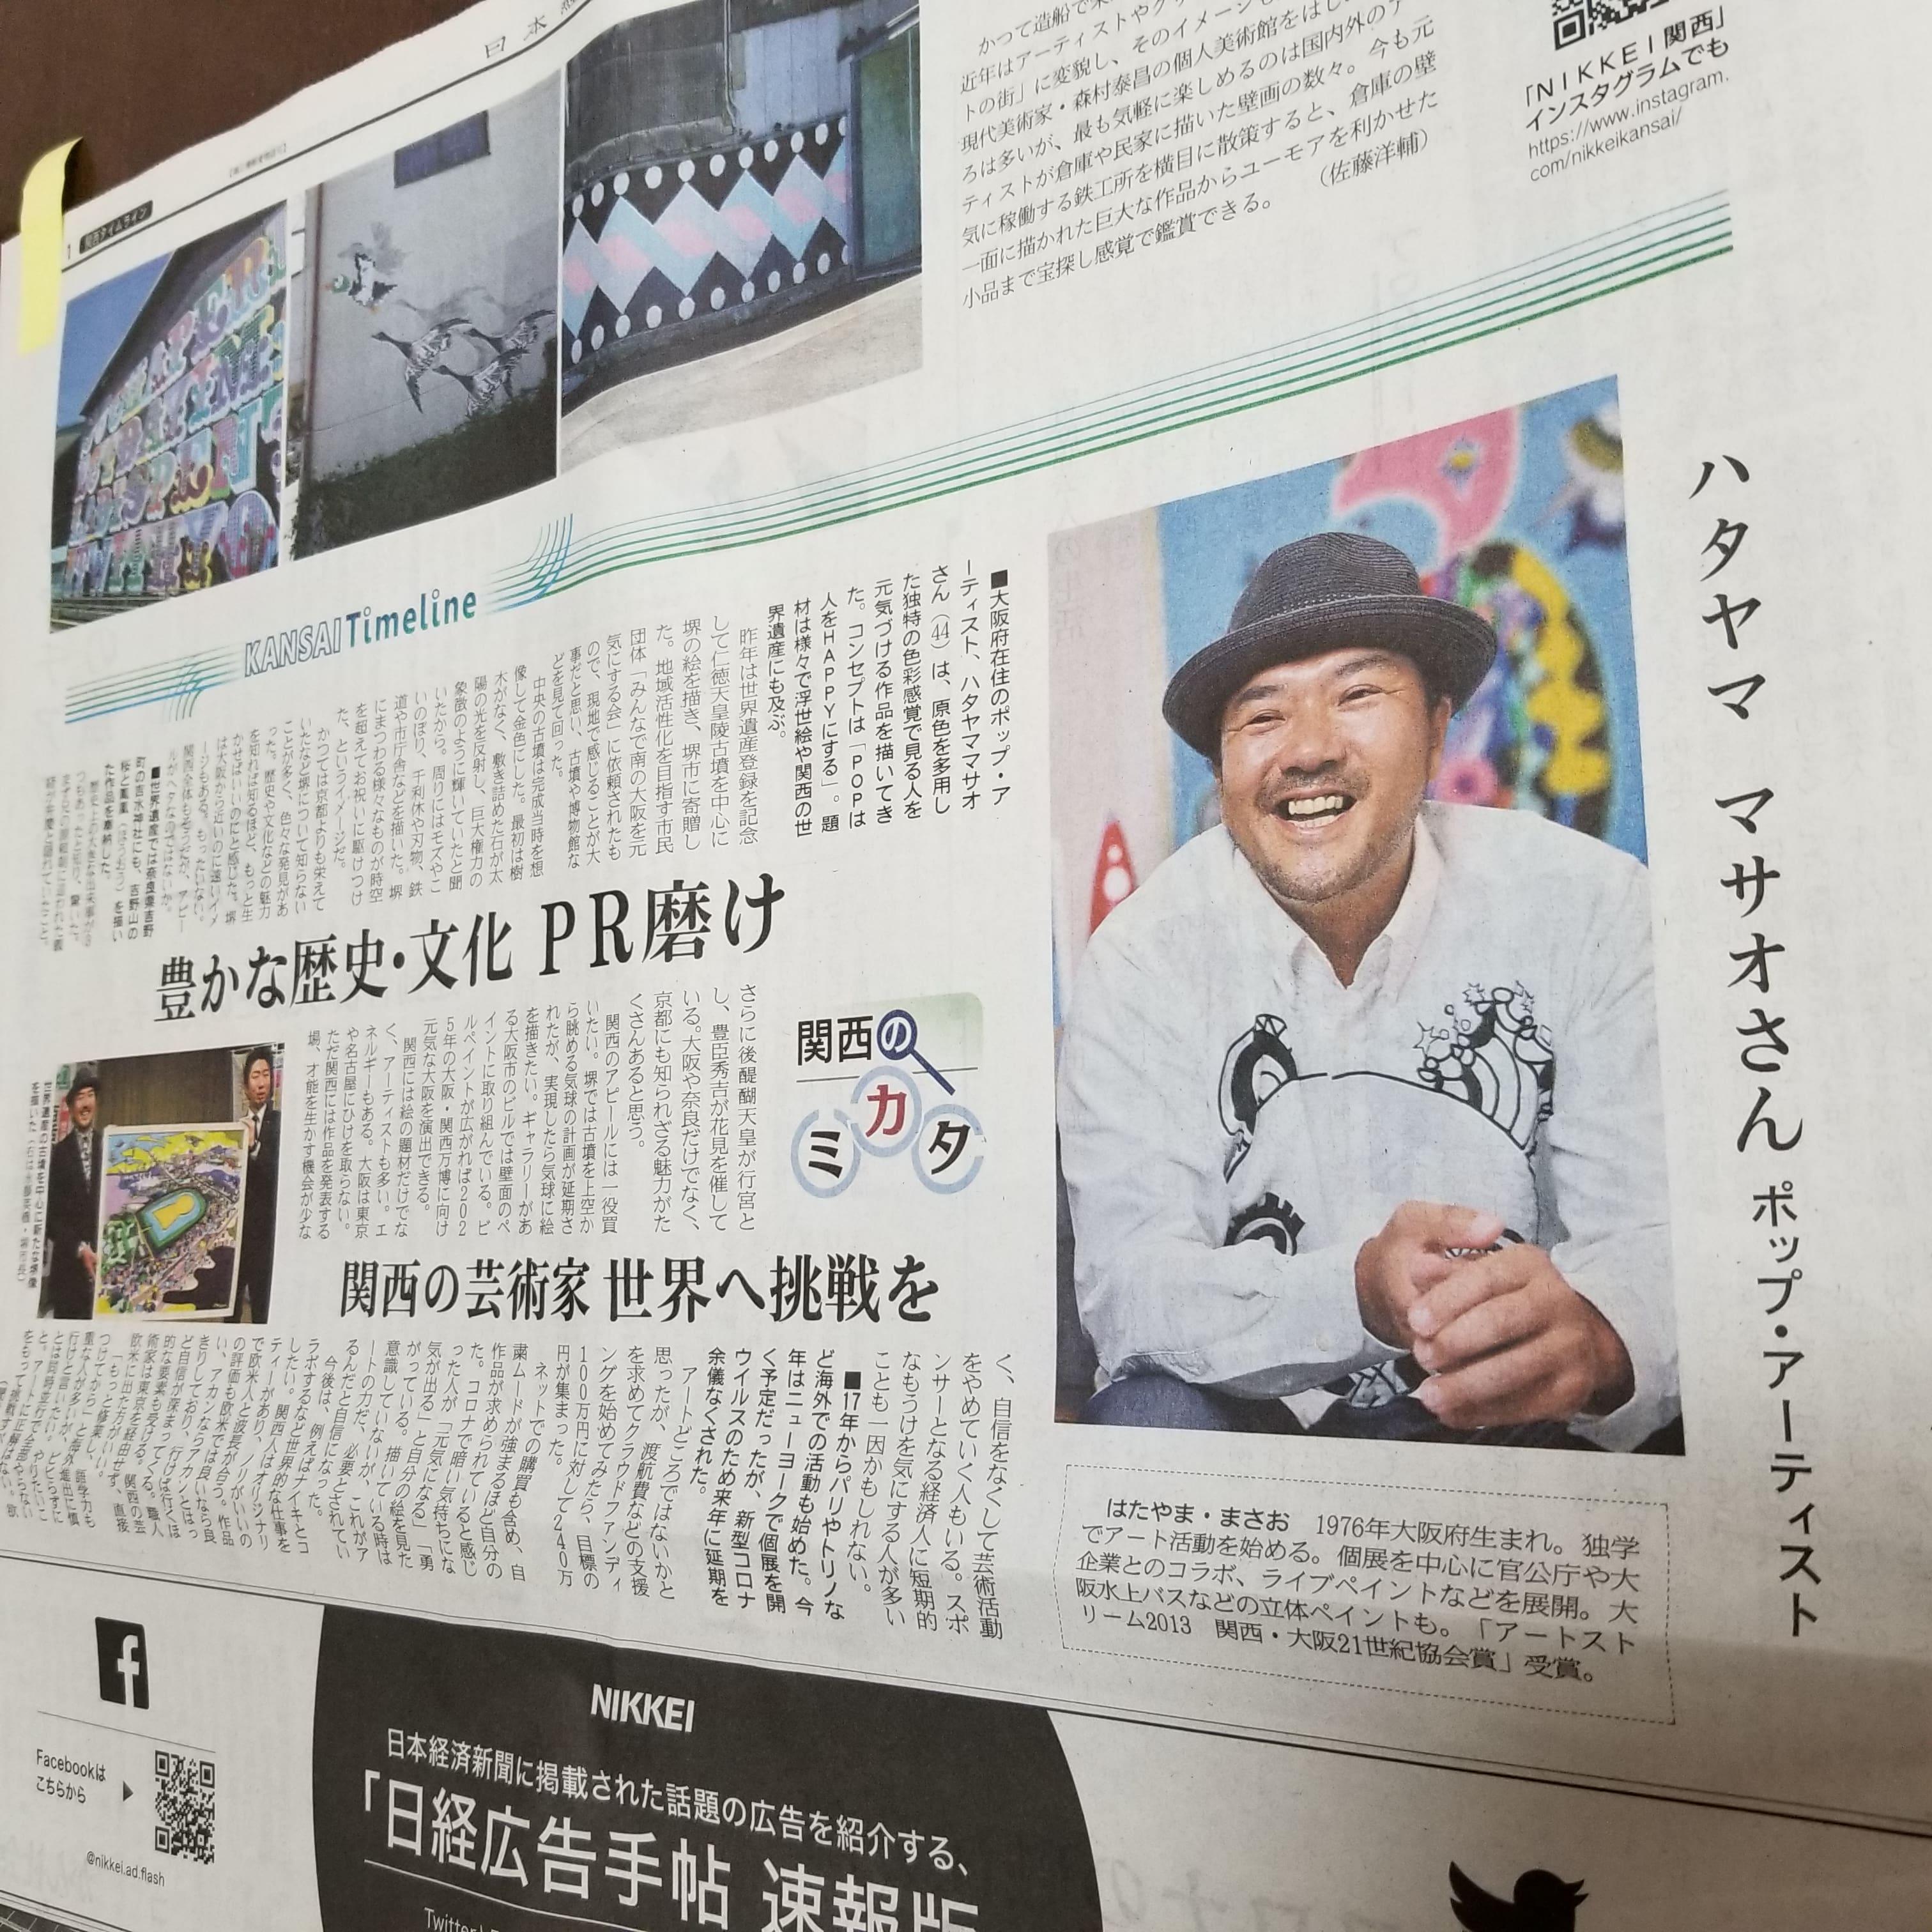 2020 9/23 日経新聞インタビュー掲載